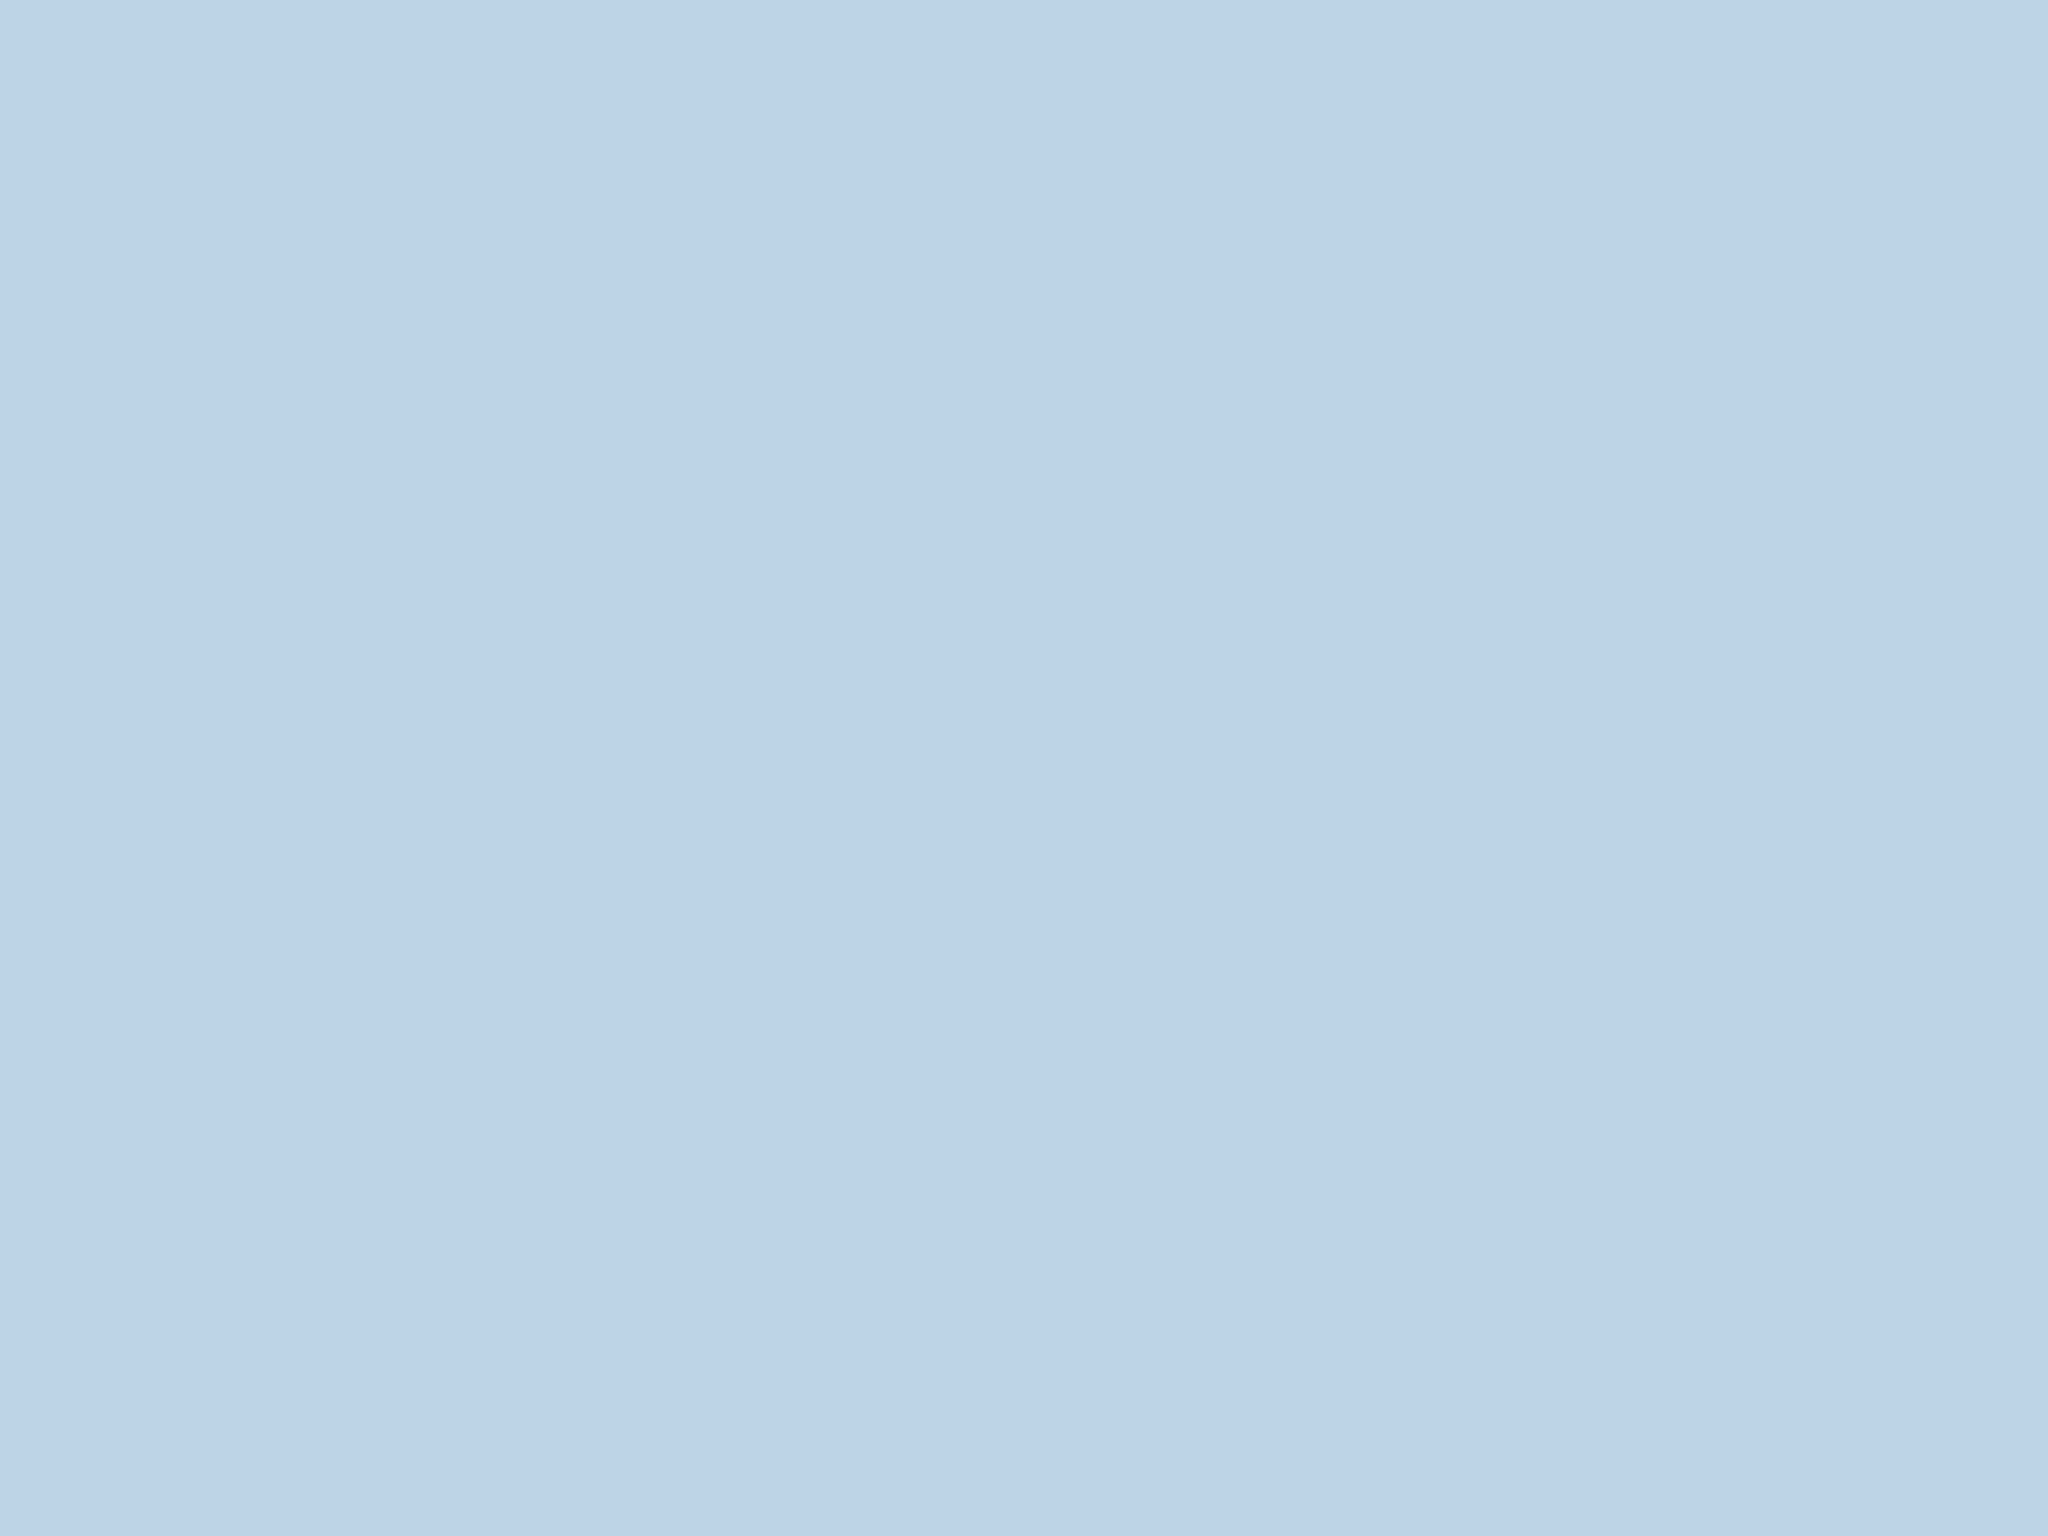 2048x1536 Pale Aqua Solid Color Background